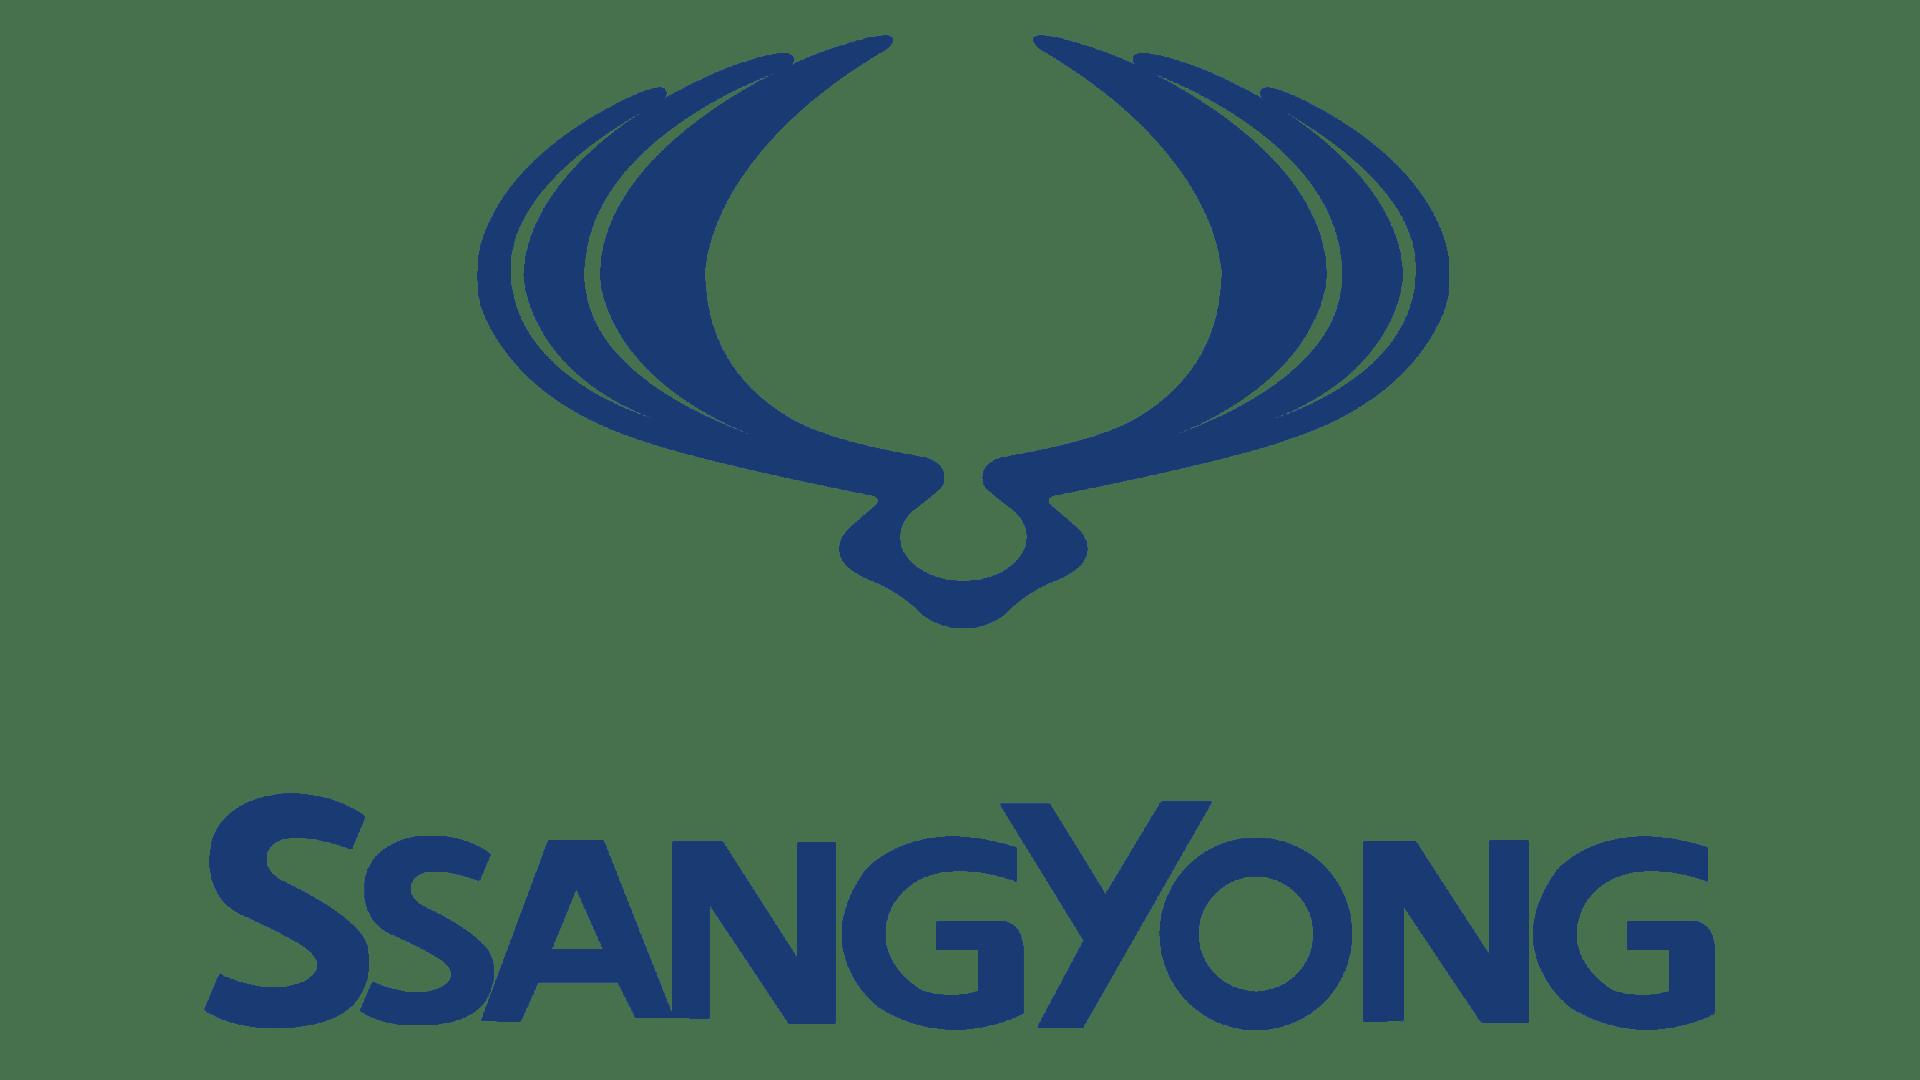 Логотип Ssang Yong